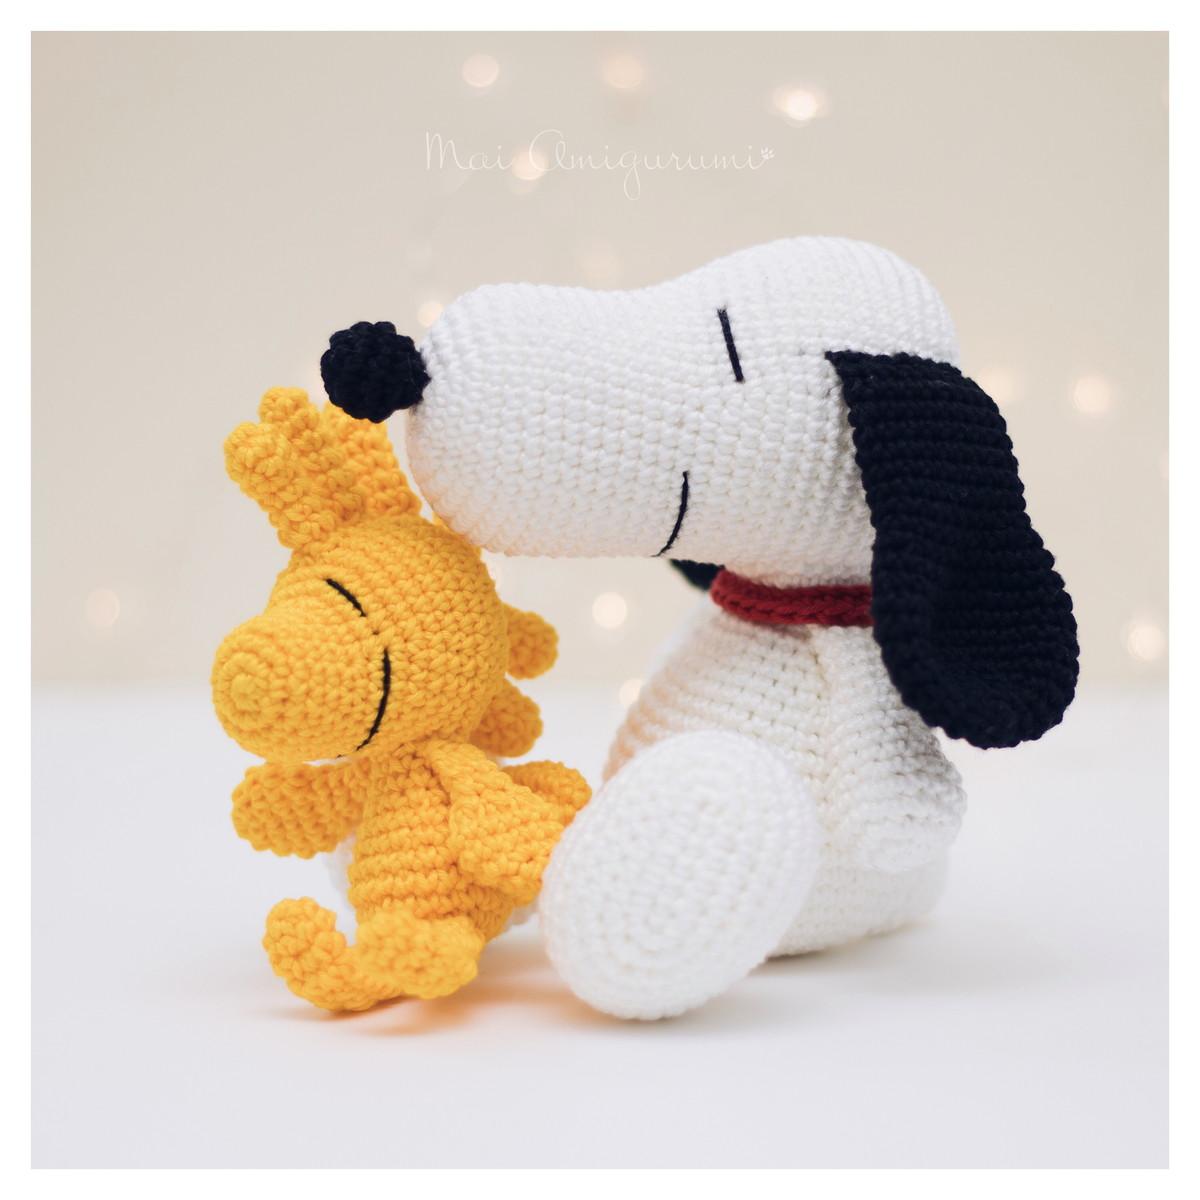 Crochet Snoopy Amigurumi - Hecho a mano Crochet Amigurumi Toy Doll ... | 1200x1200